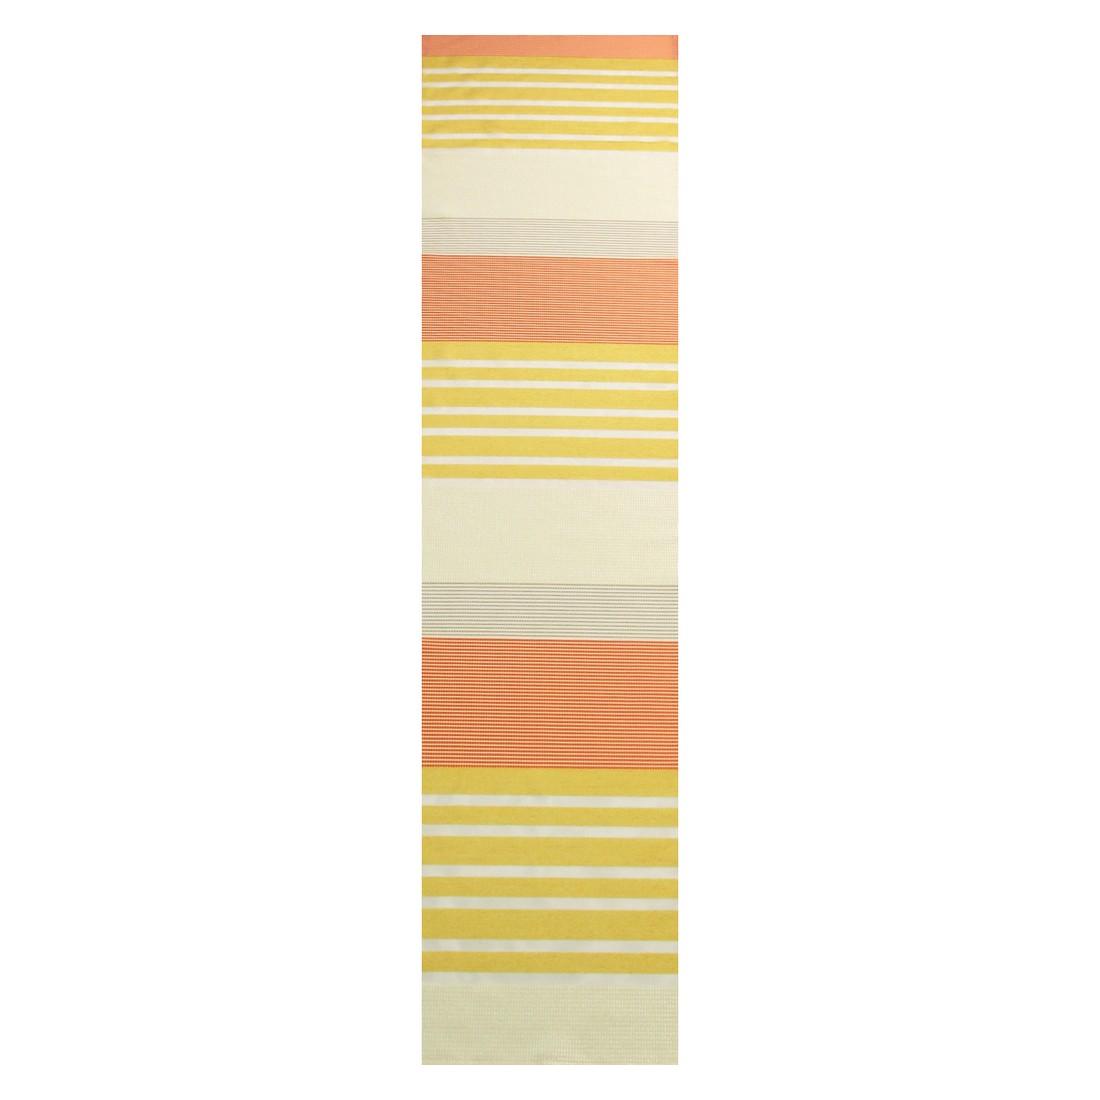 Tischläufer Biedermeier – Orange/Gelb – Transparent, MiBiento Living online bestellen